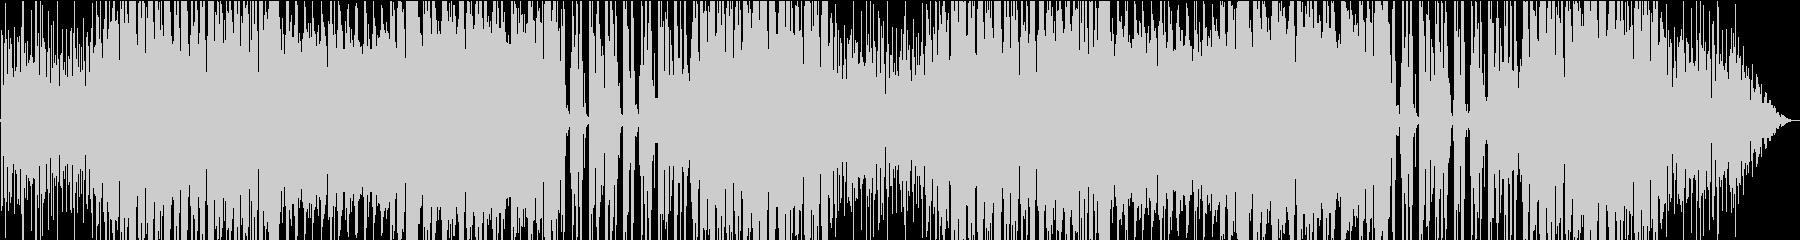 切ないメロディと楽しいリズムのケルトの未再生の波形